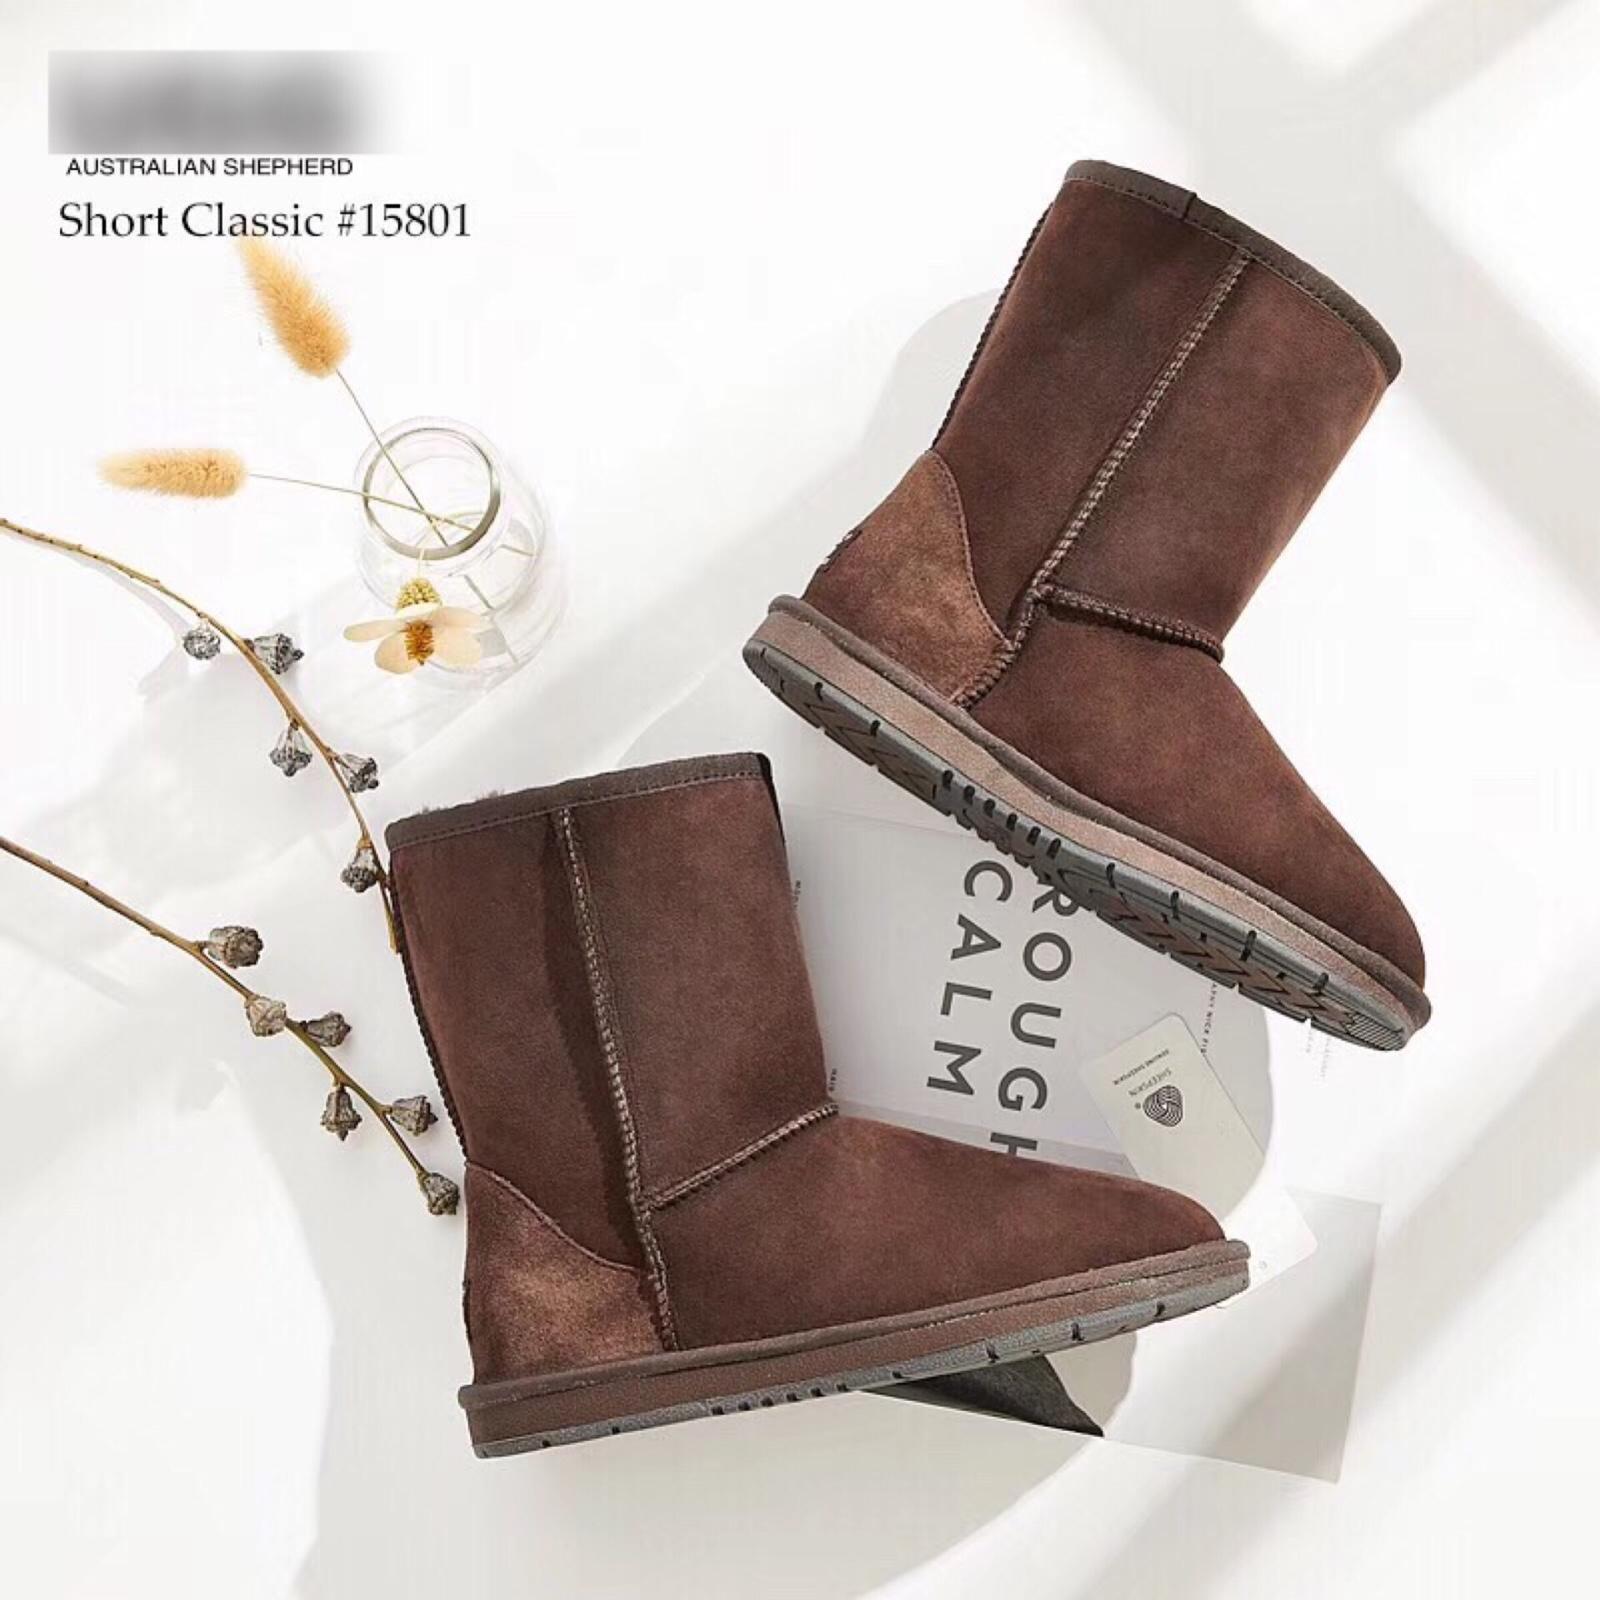 澳洲TARRAMARA皮毛一体保暖羊毛雪地靴中筒基础款女士811020